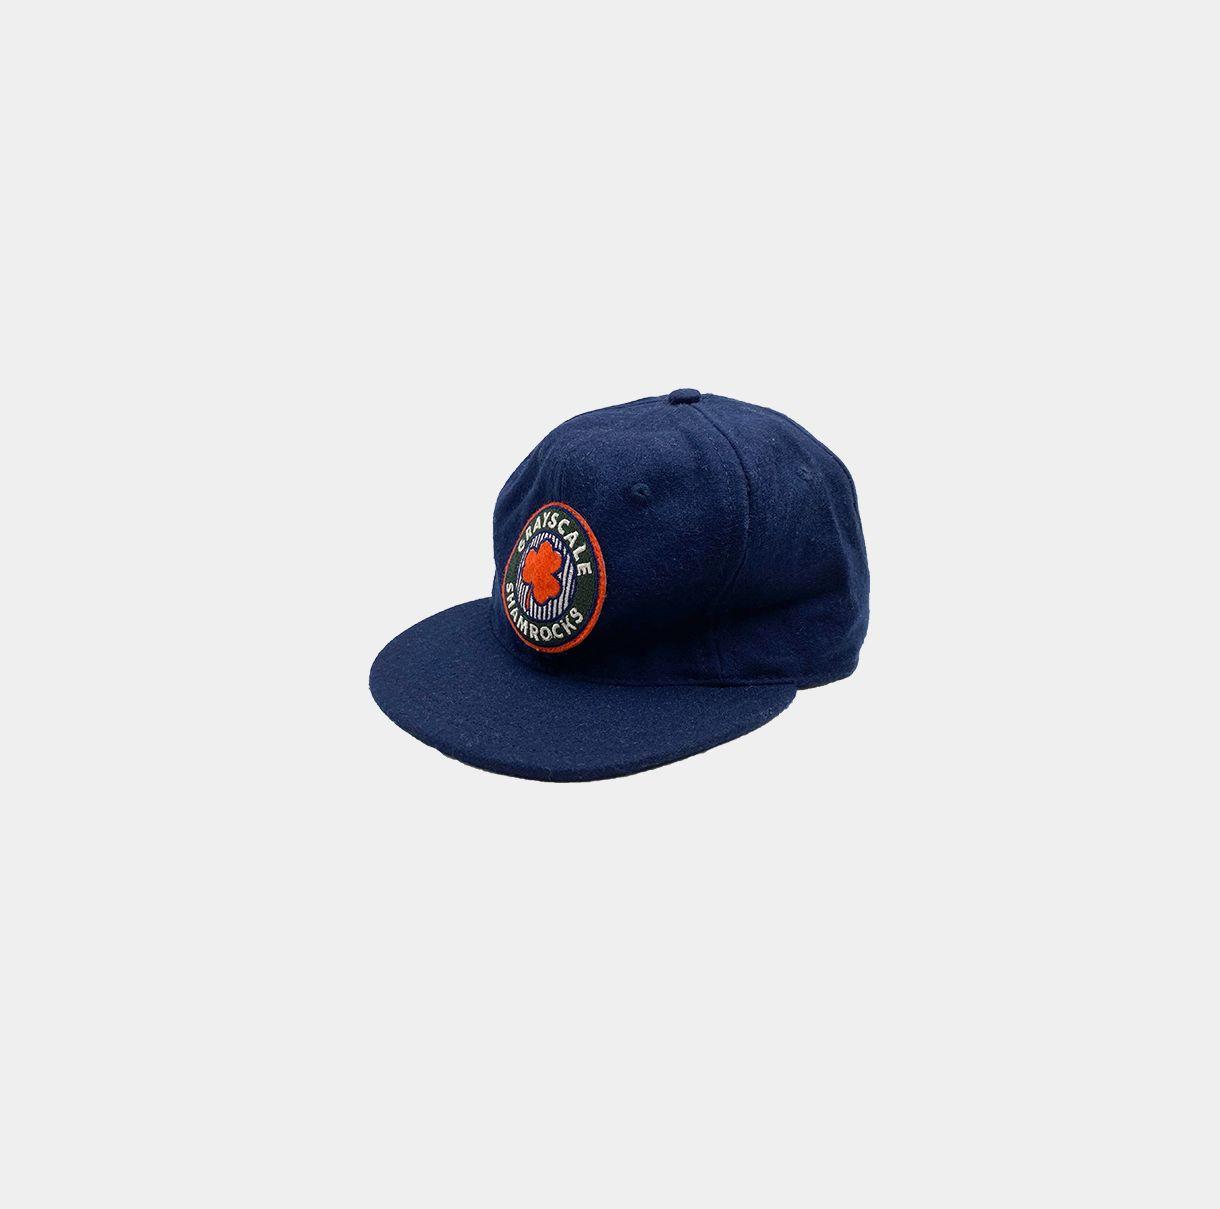 Shamrocks Baseball Cap